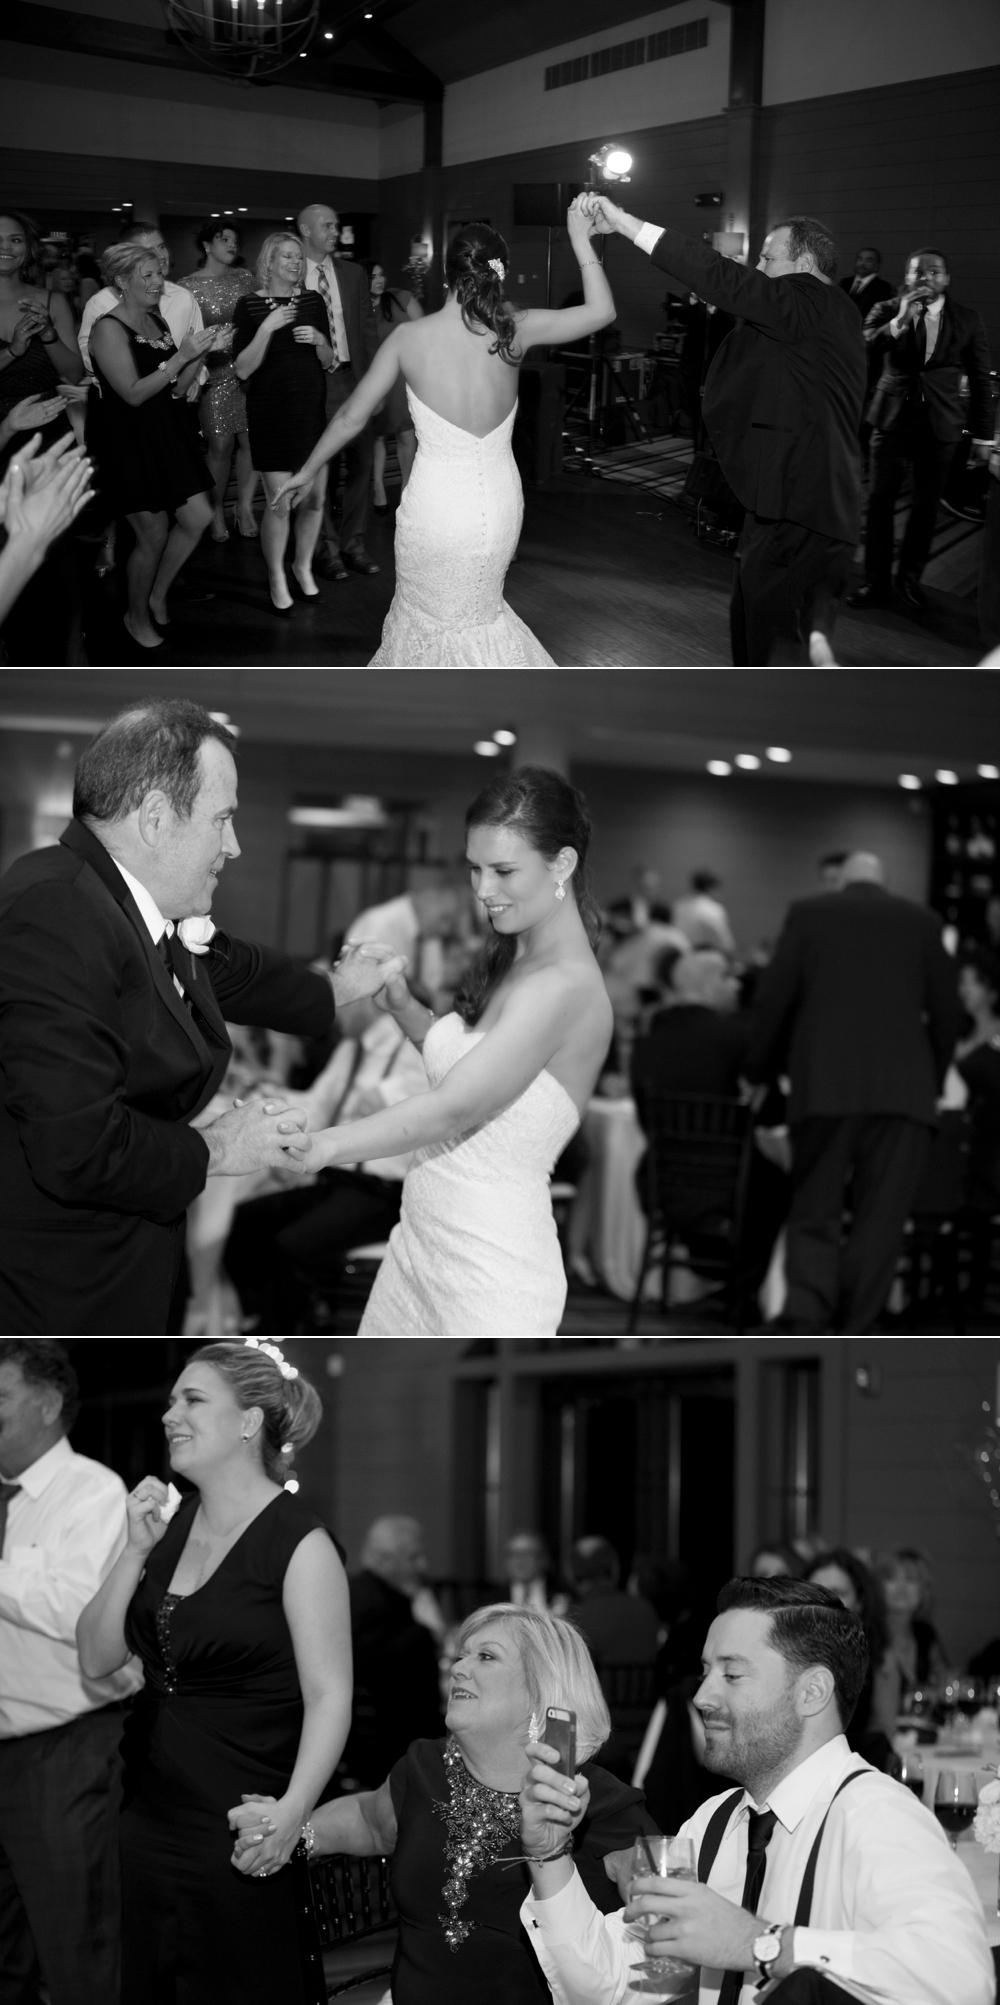 LaBelleWinery_Wedding_Kim&George_0047.jpg